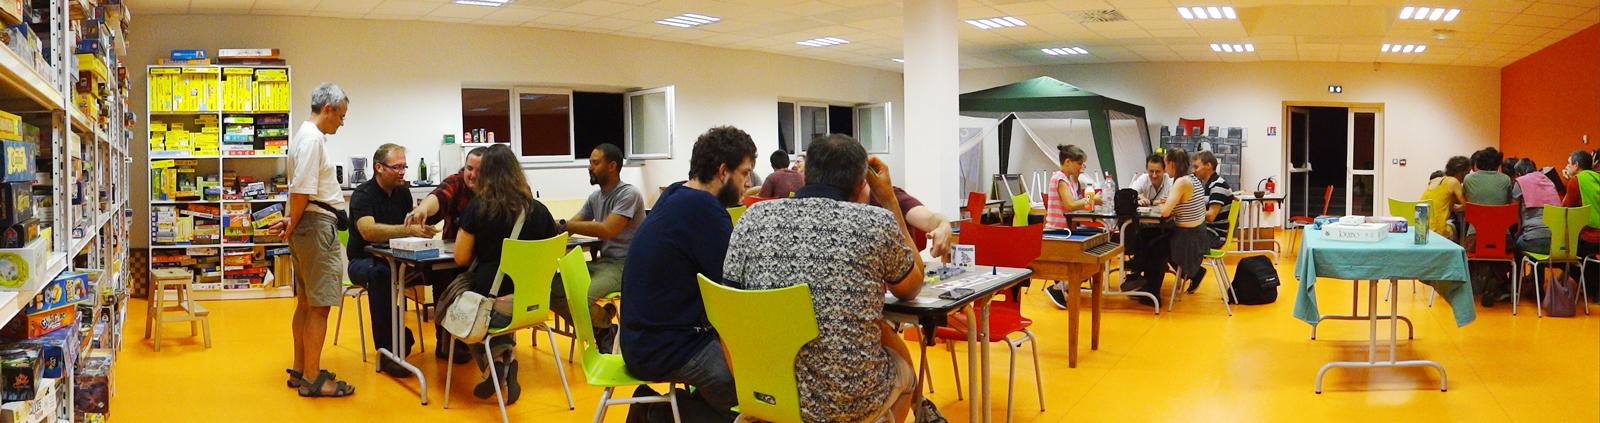 Salle des jeux de société lors d'une soirée jeux prototypes à la Maison des Jeux de Clermont-Ferrand